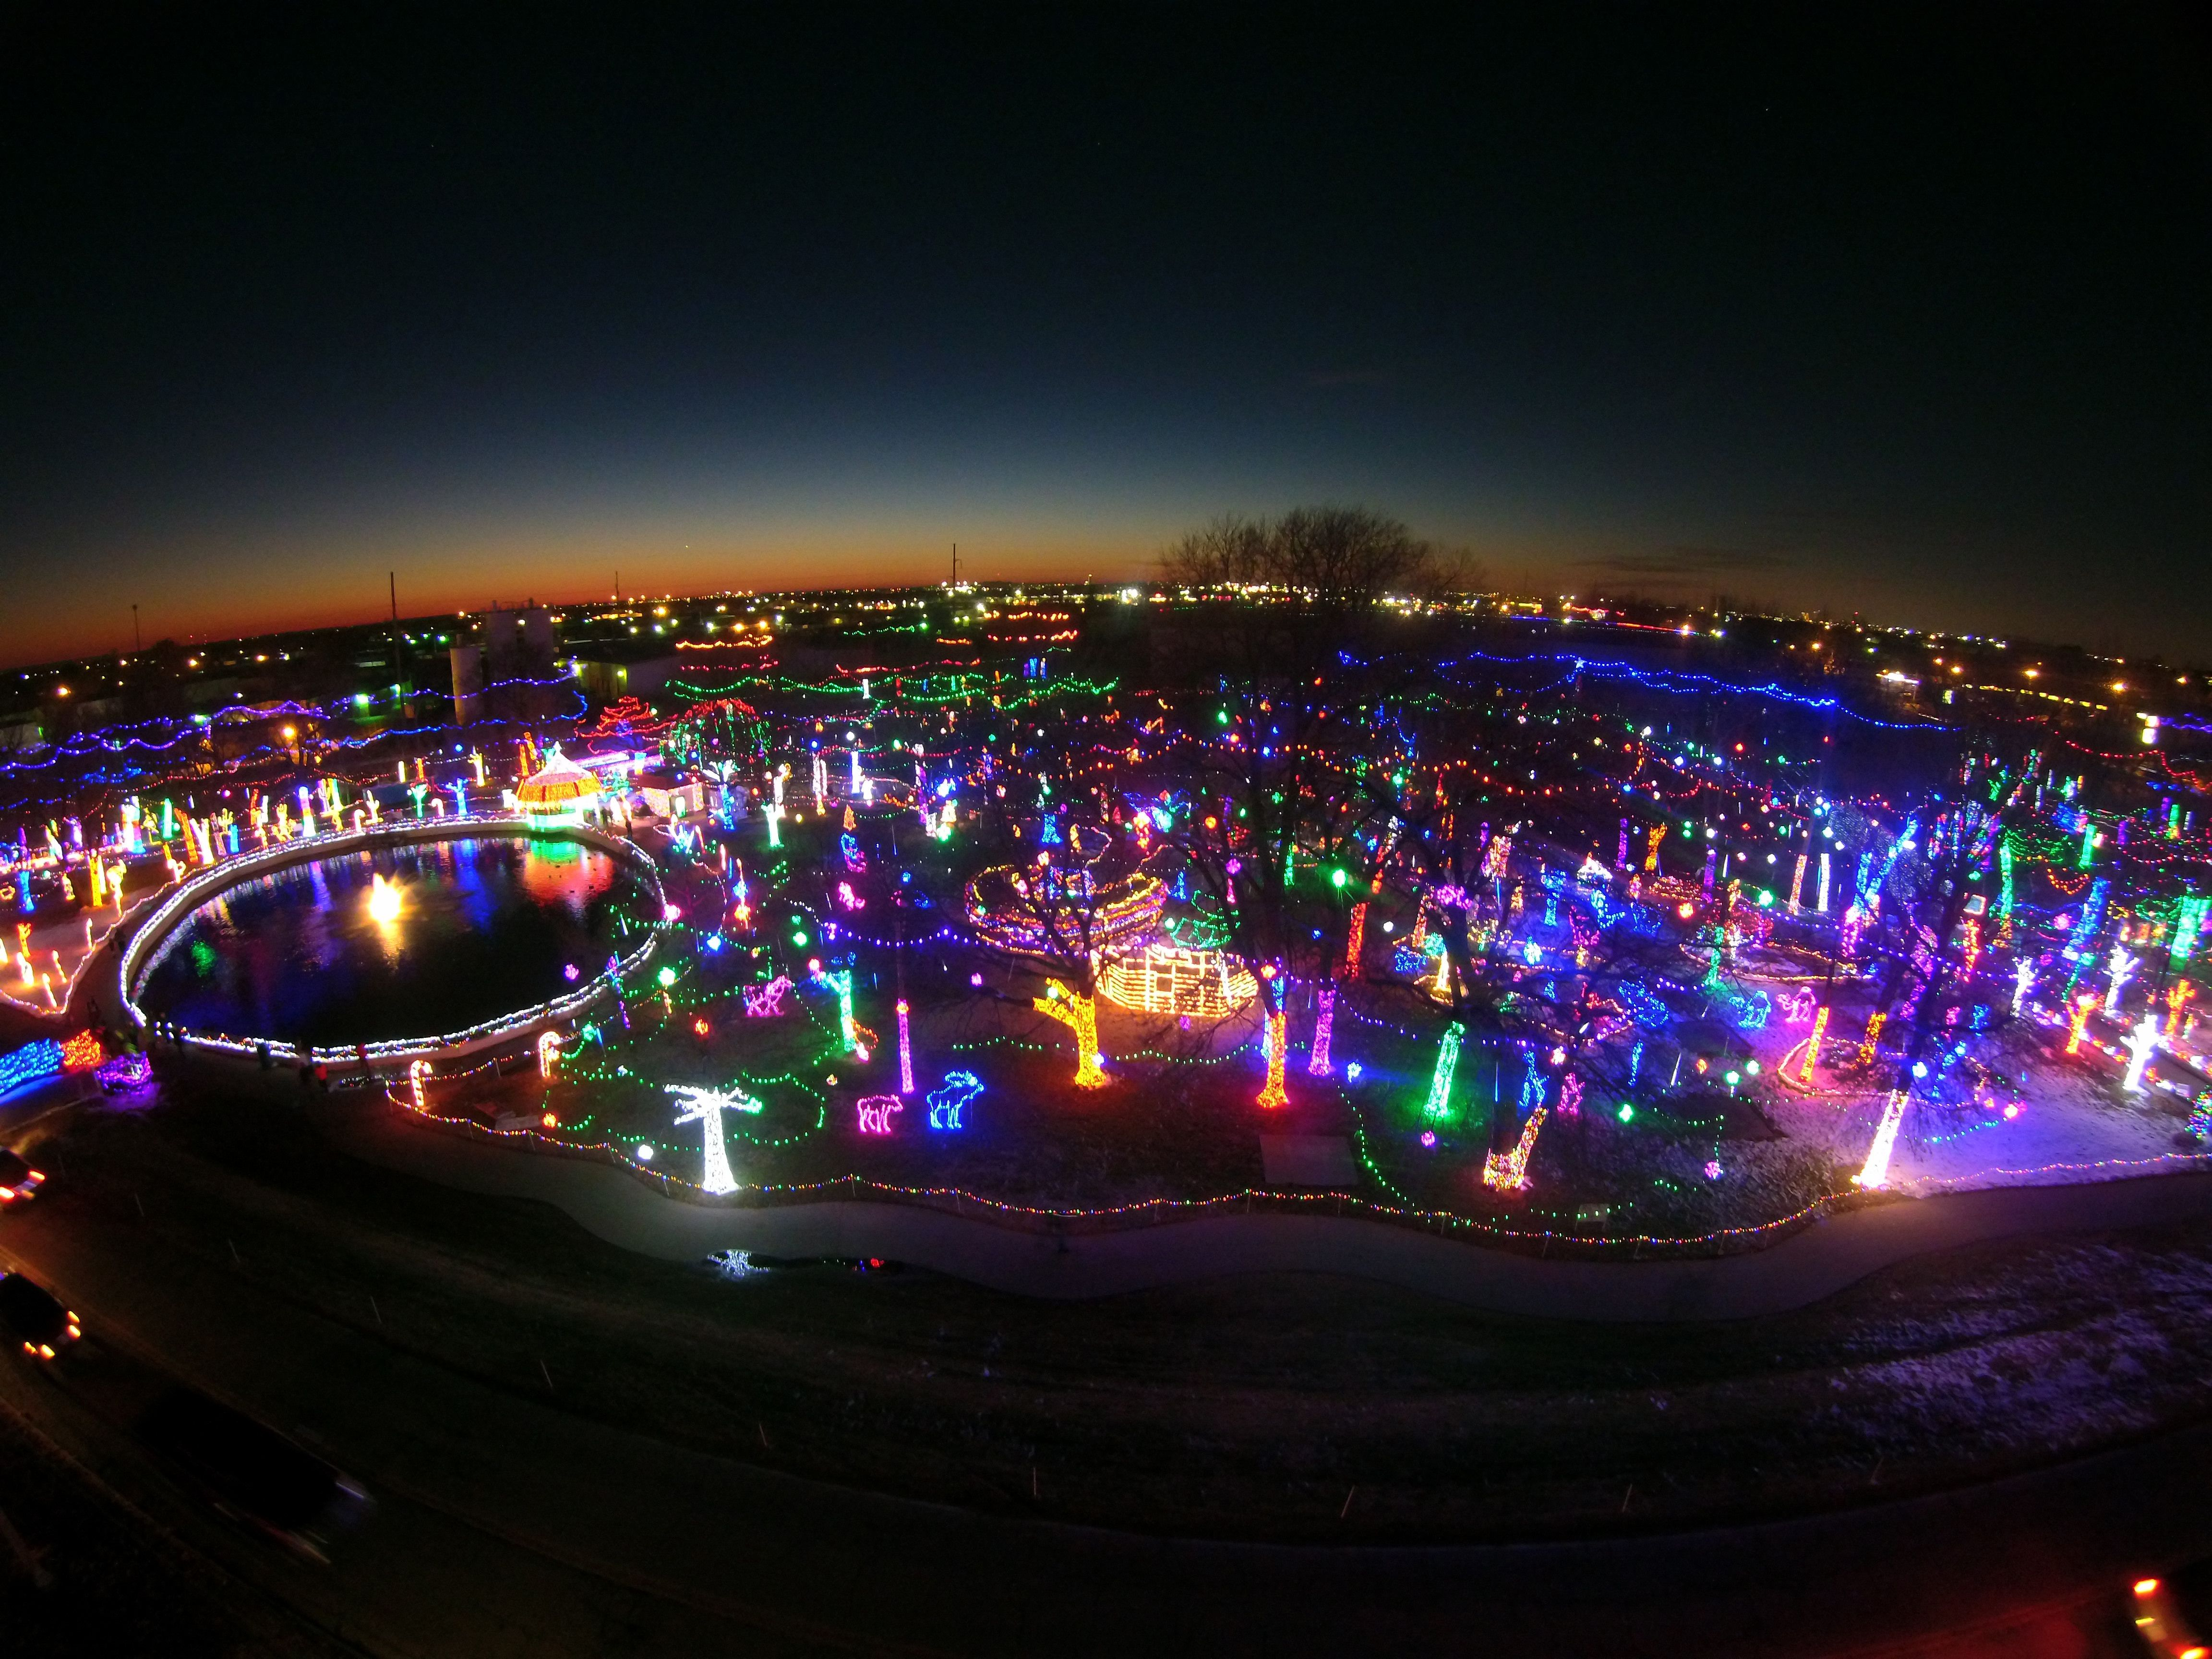 Rhema Christmas Lights.Rhema Christmas Lights Oklahoma Christmas Lights Travel